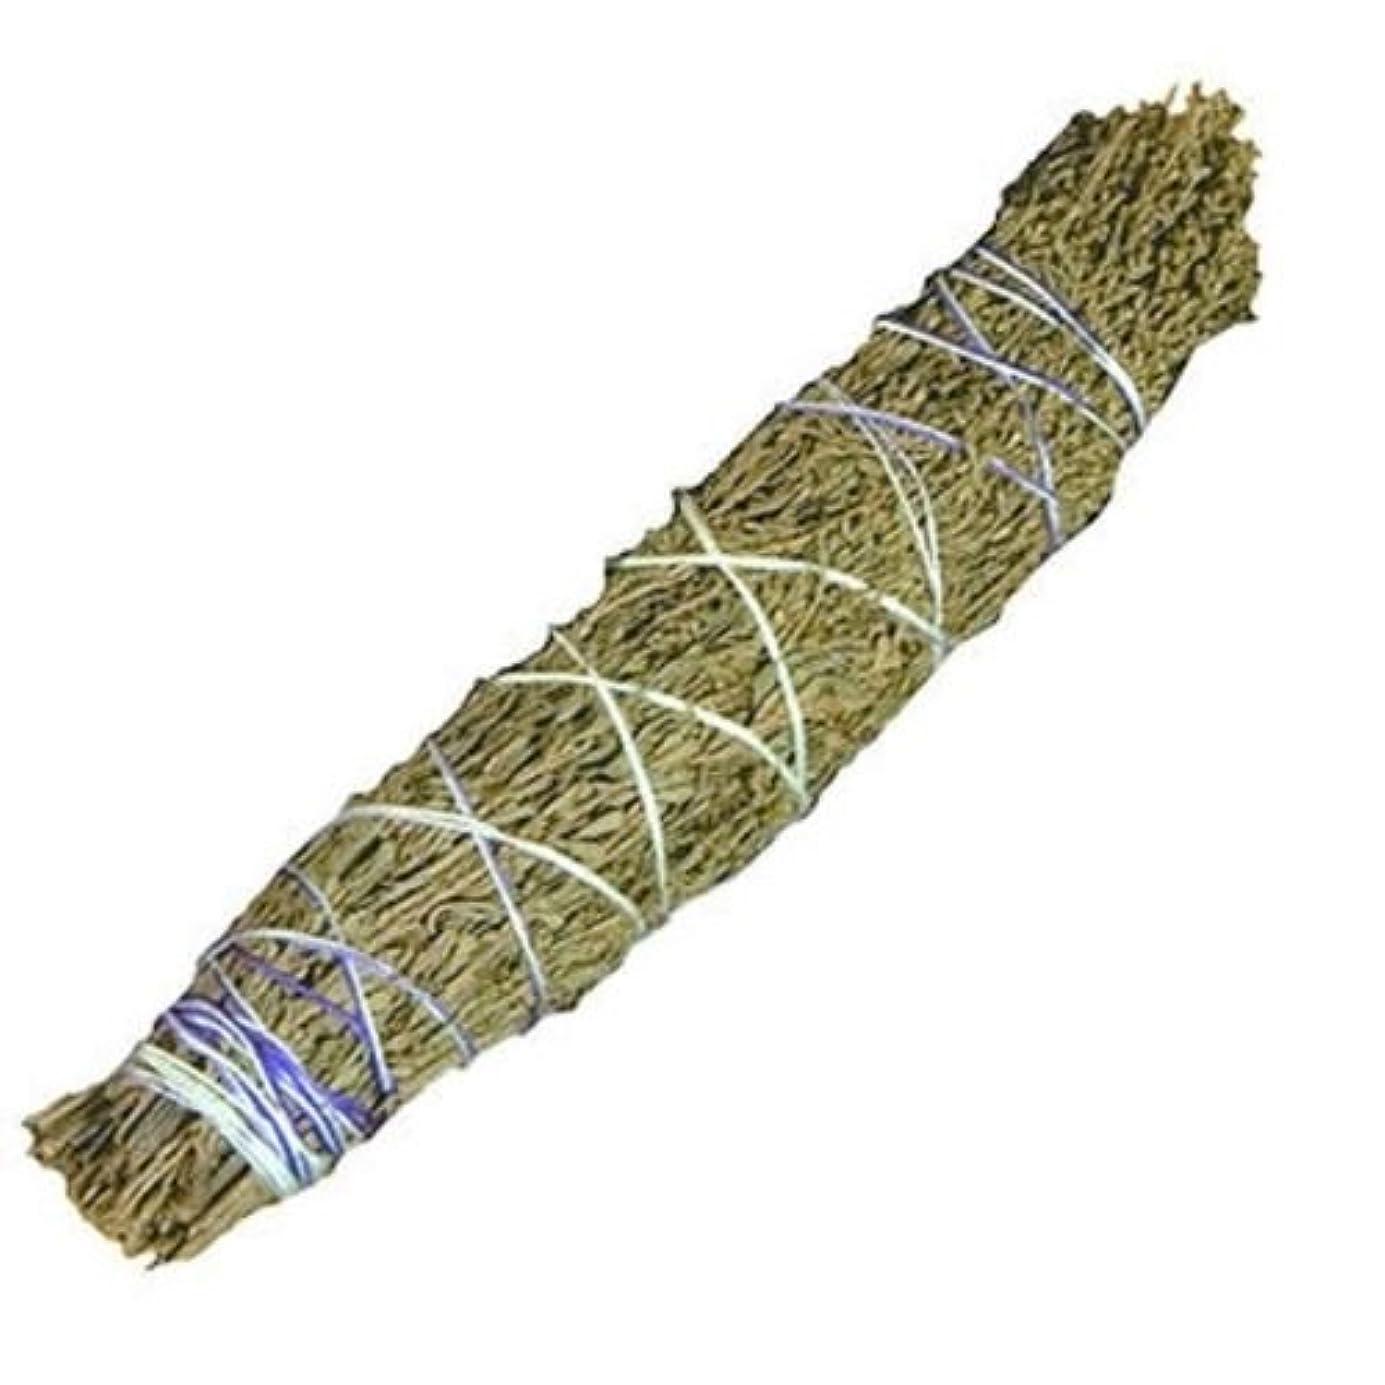 すぐに形容詞翻訳する2つSmudge sticks-ラベンダー&セージ、植物